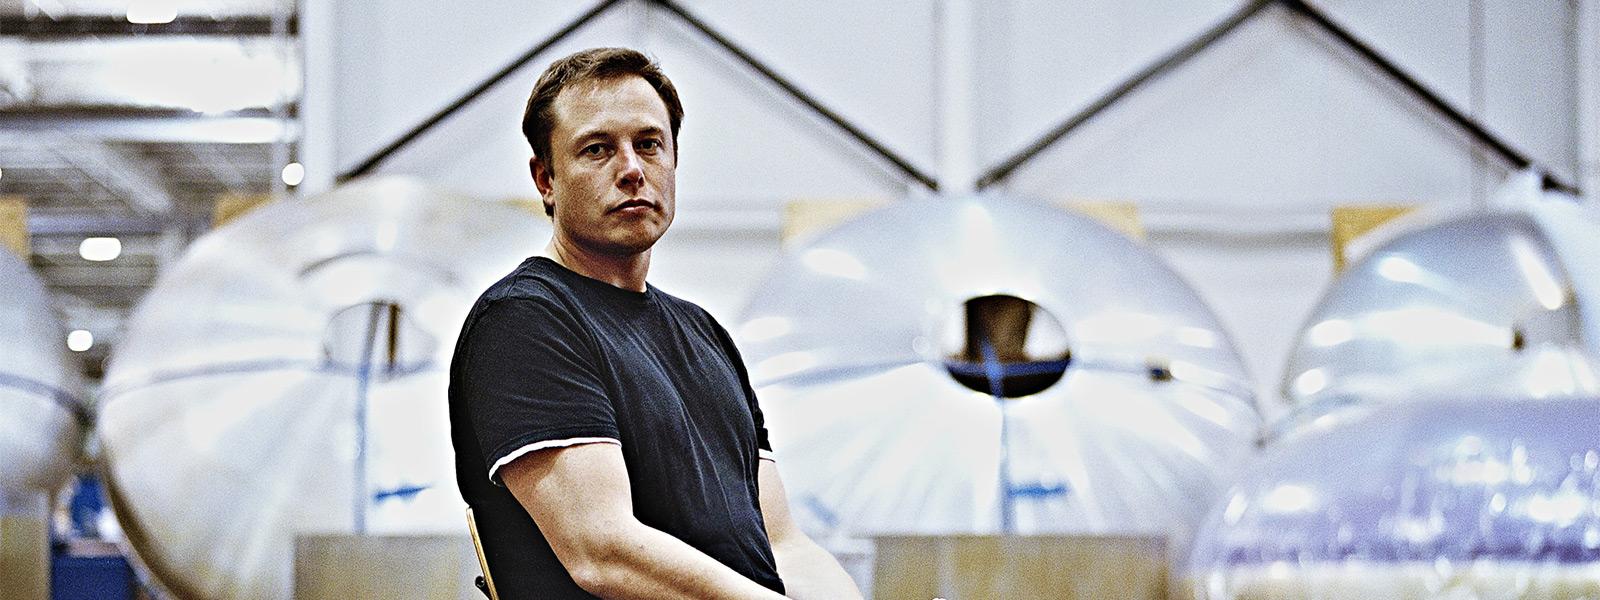 Вне всяких рамок: 8 уроков для предпринимателей от Илона Маска